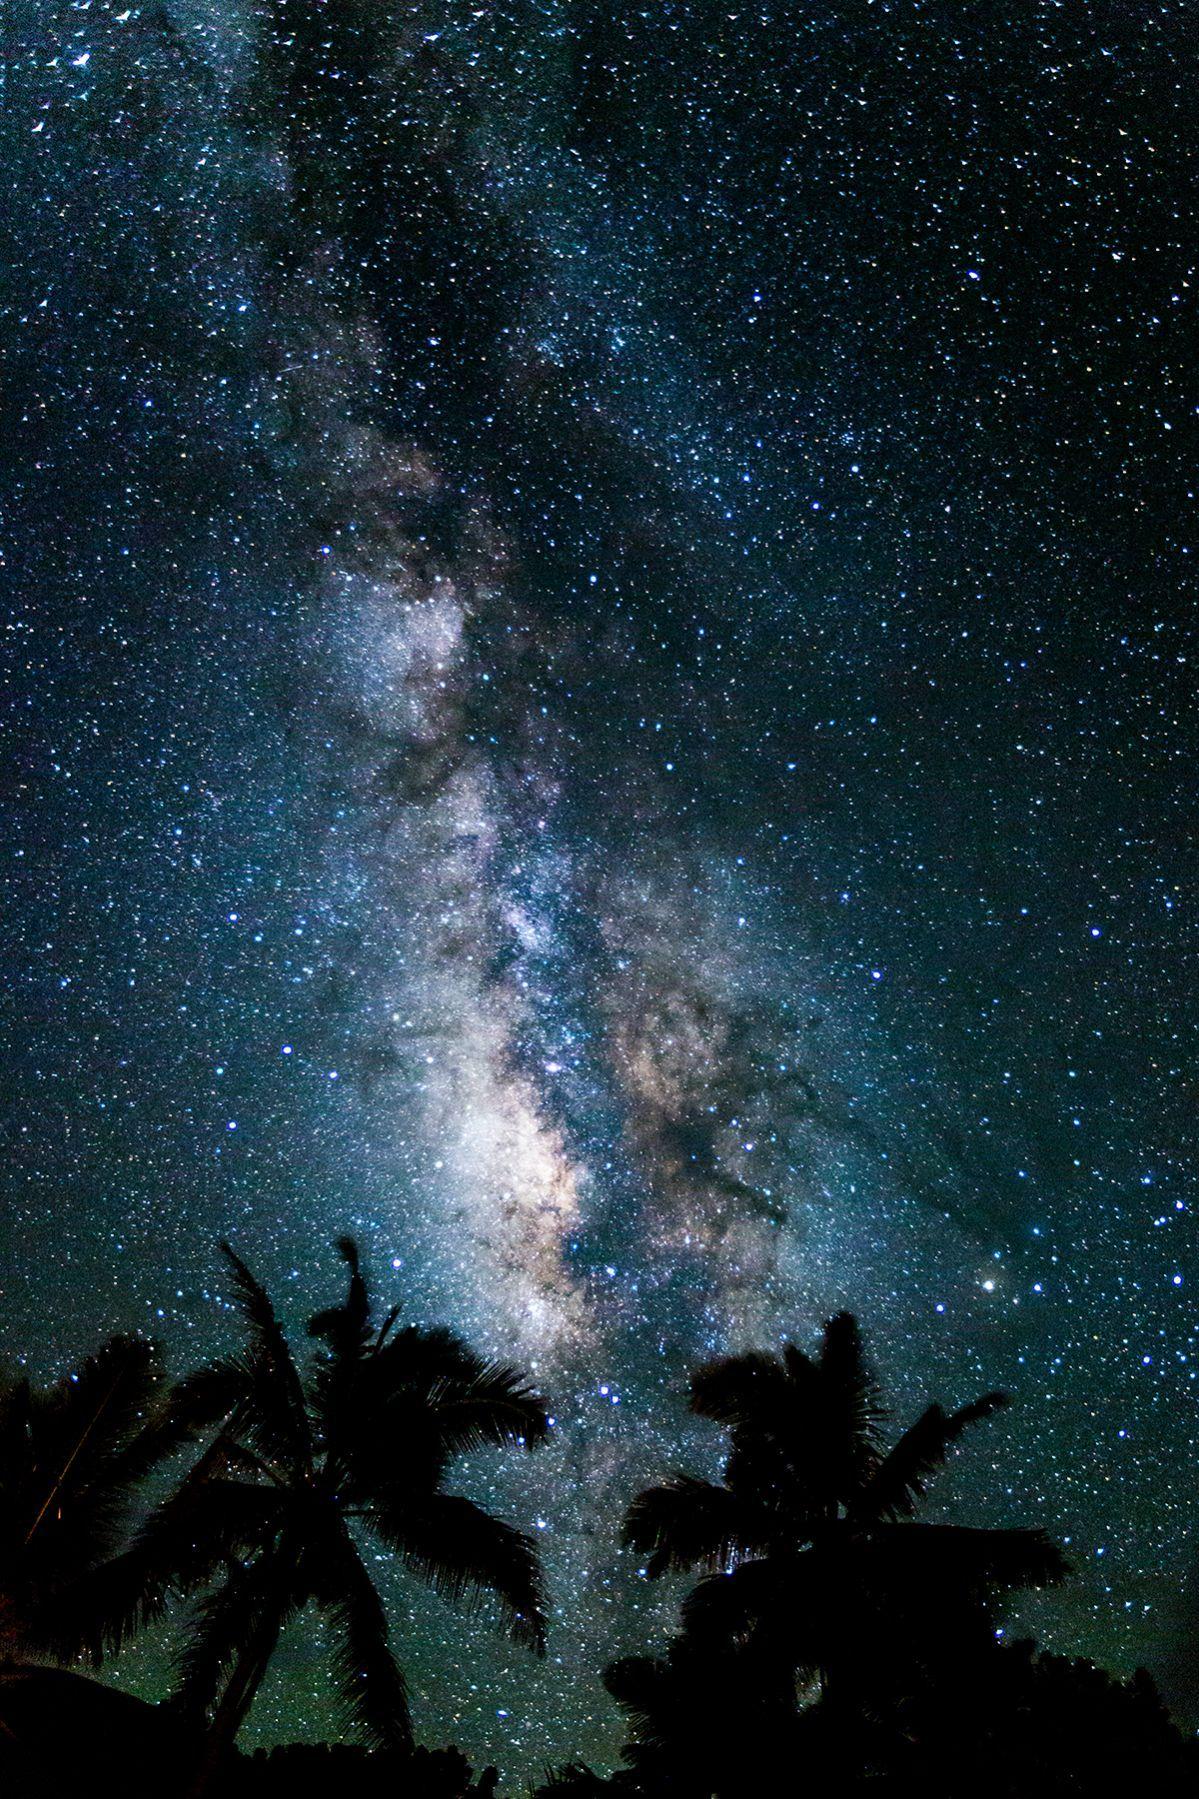 Sky stars night